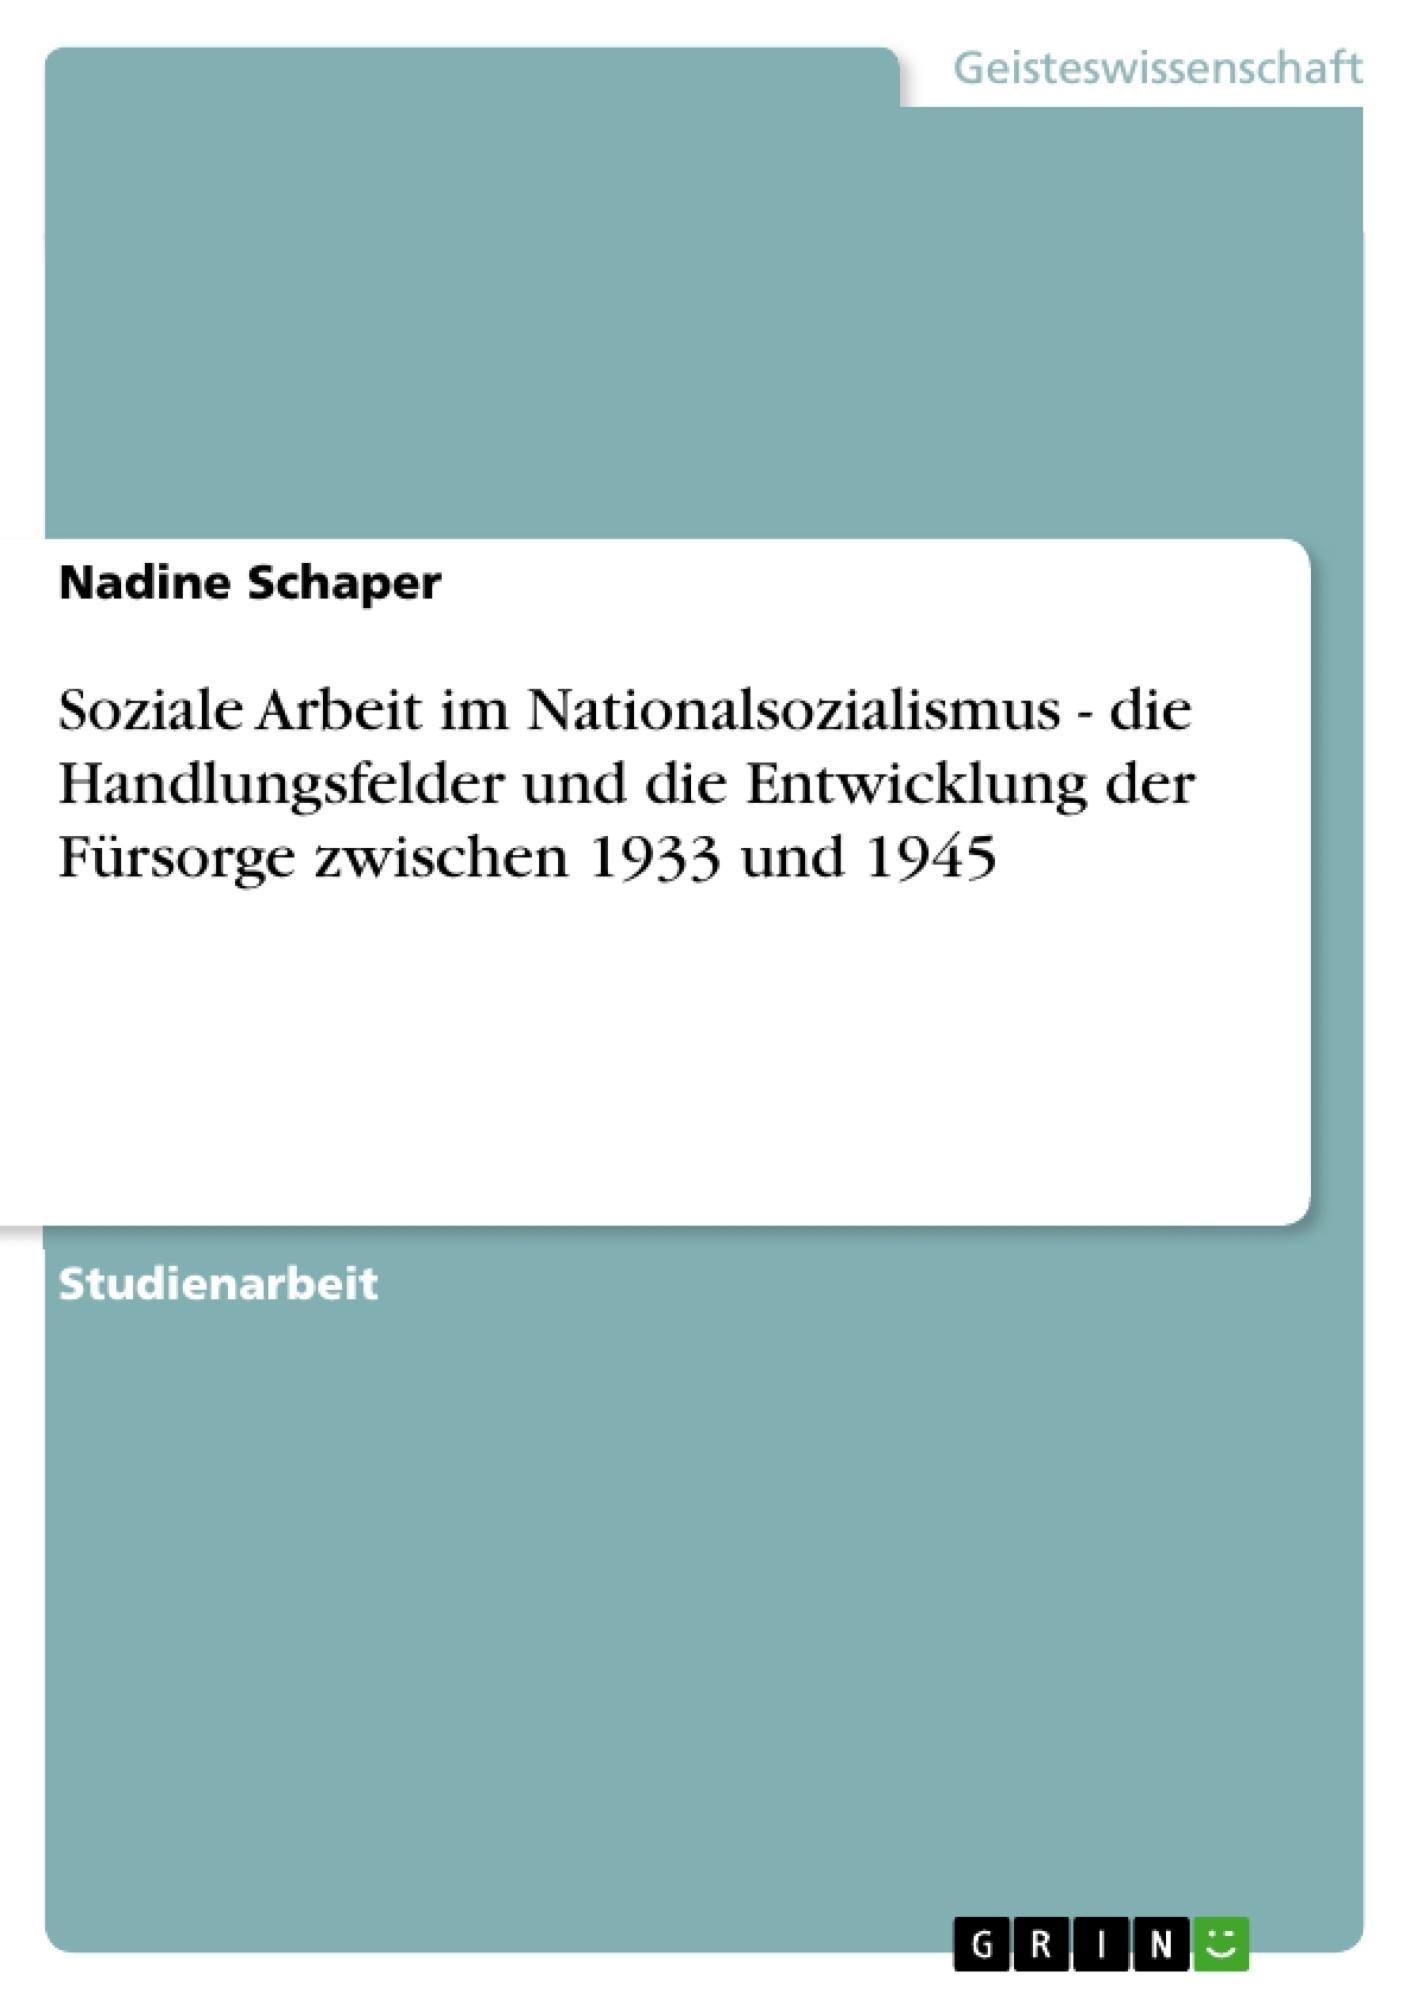 Titel: Soziale Arbeit im Nationalsozialismus - die Handlungsfelder und die Entwicklung der Fürsorge zwischen 1933 und 1945